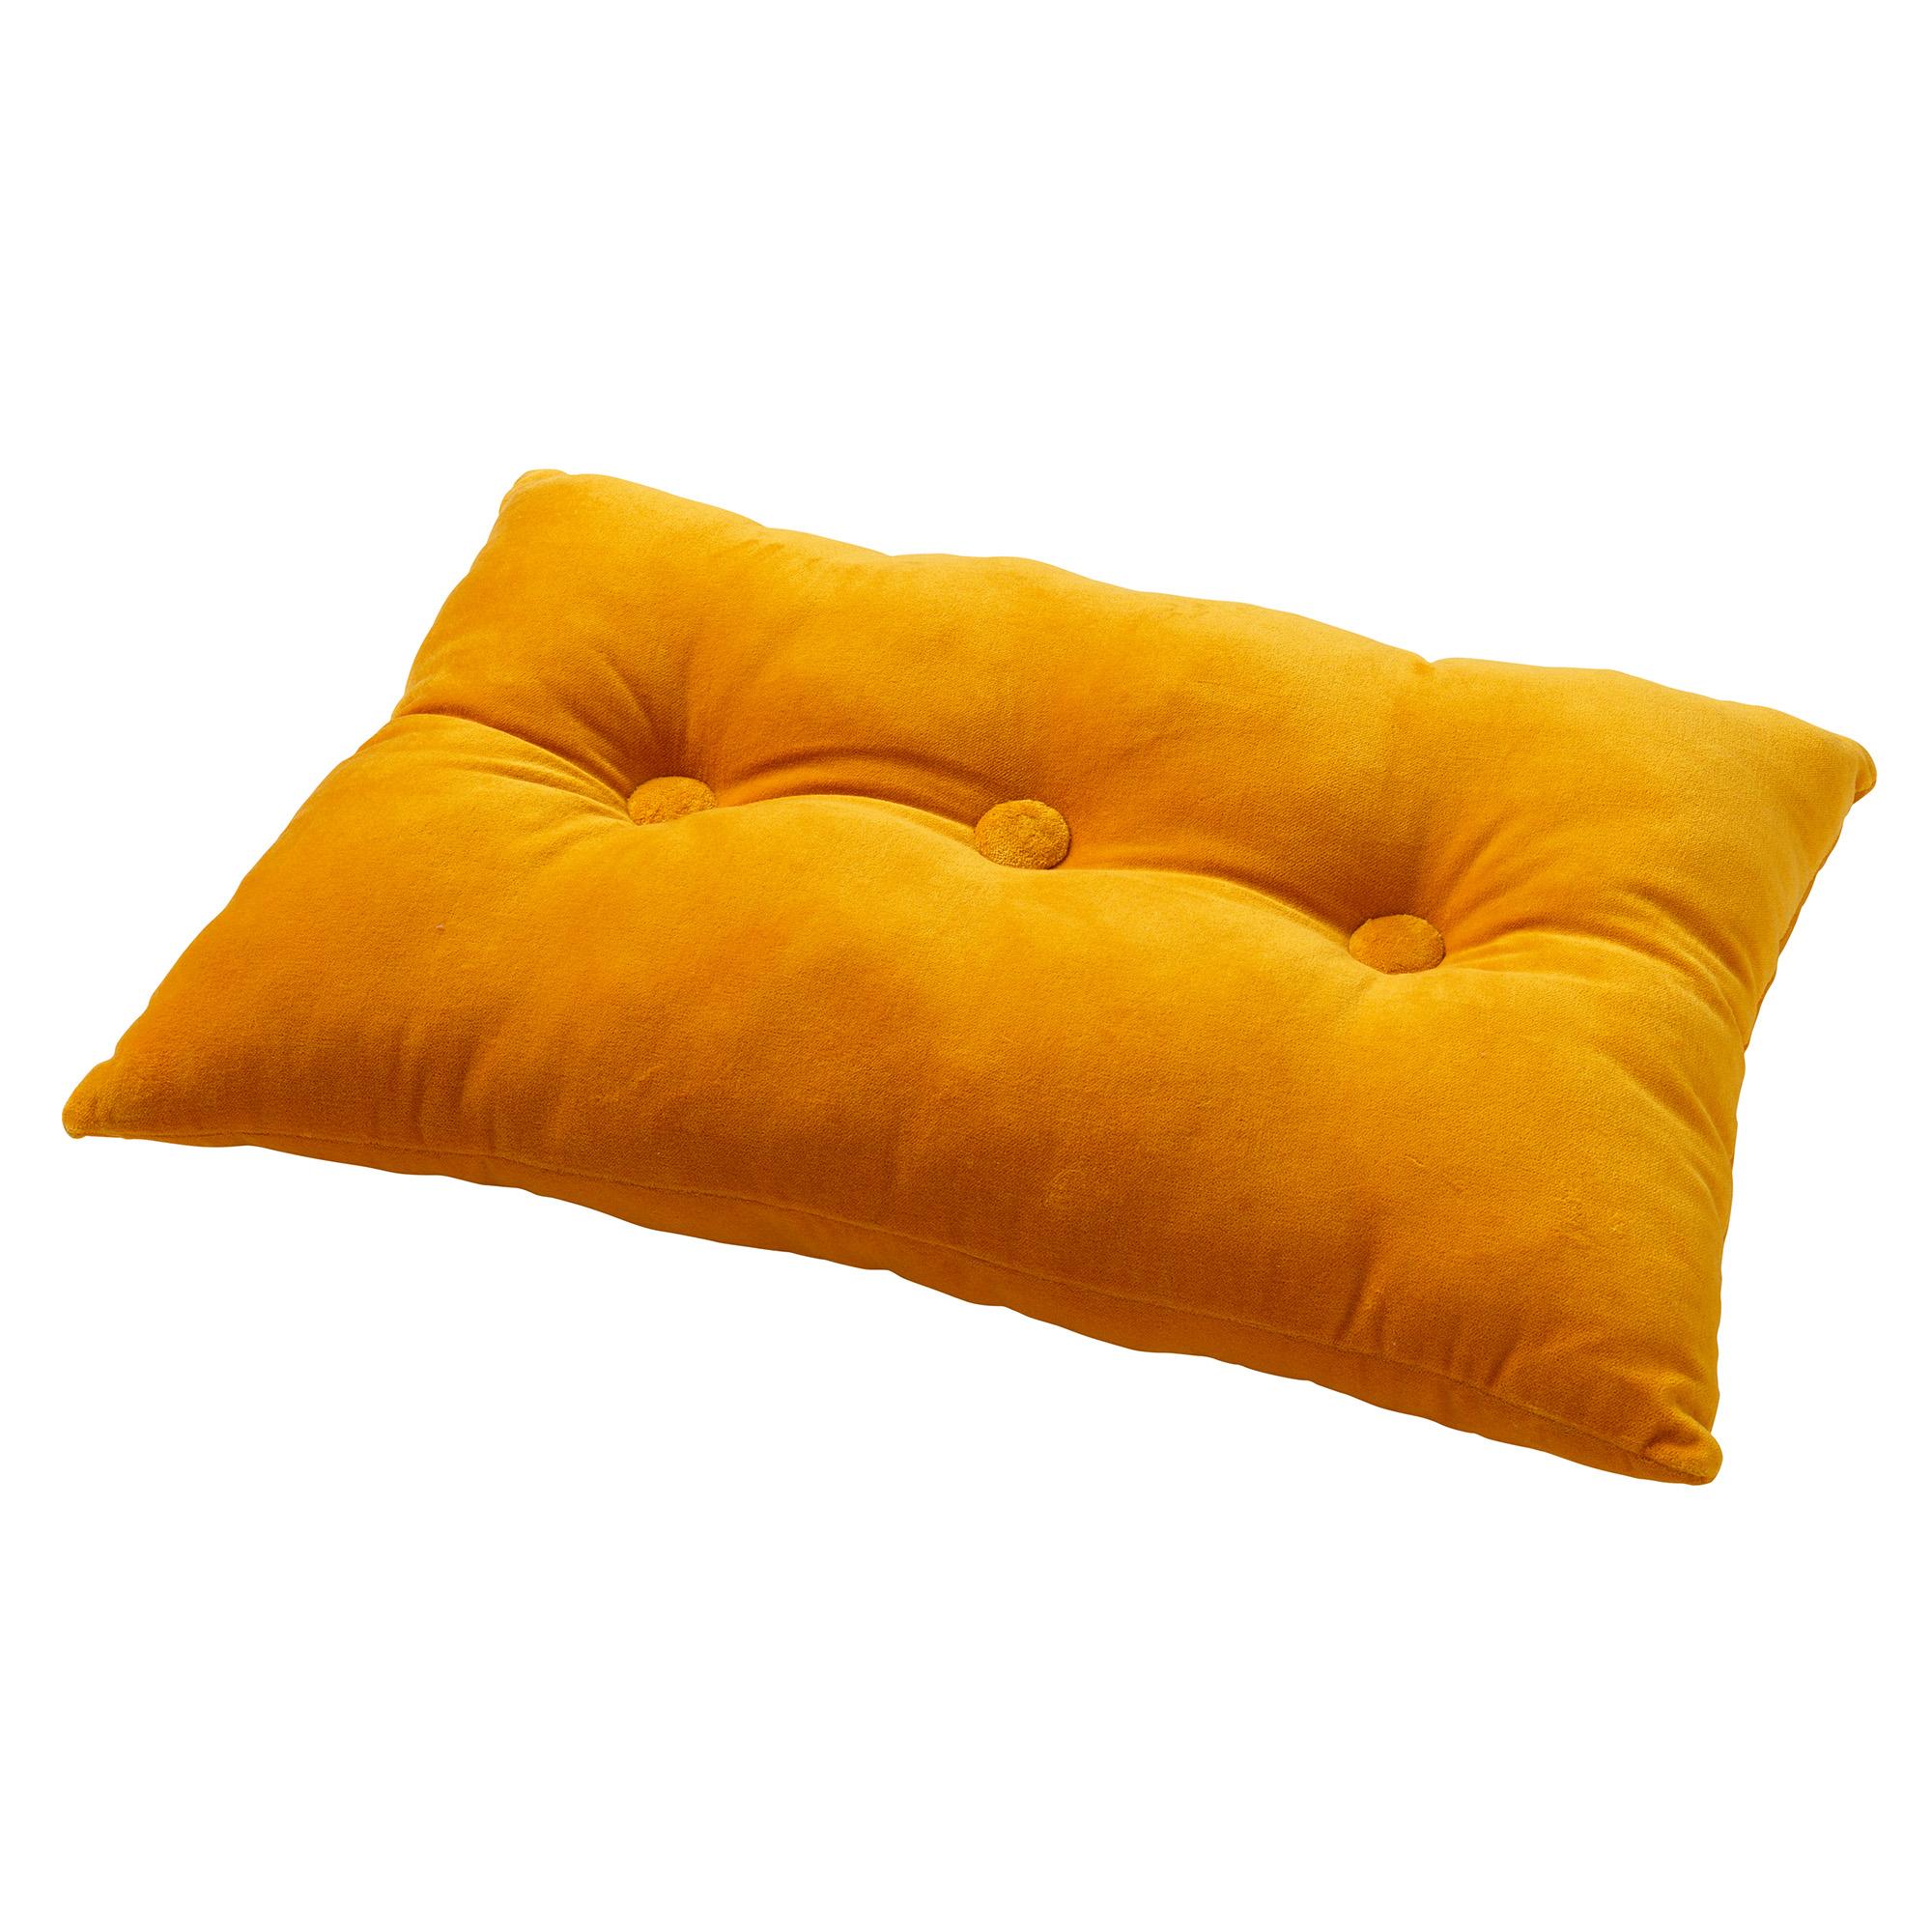 VALERIE - Sierkussen velvet Golden Glow 40x60 cm